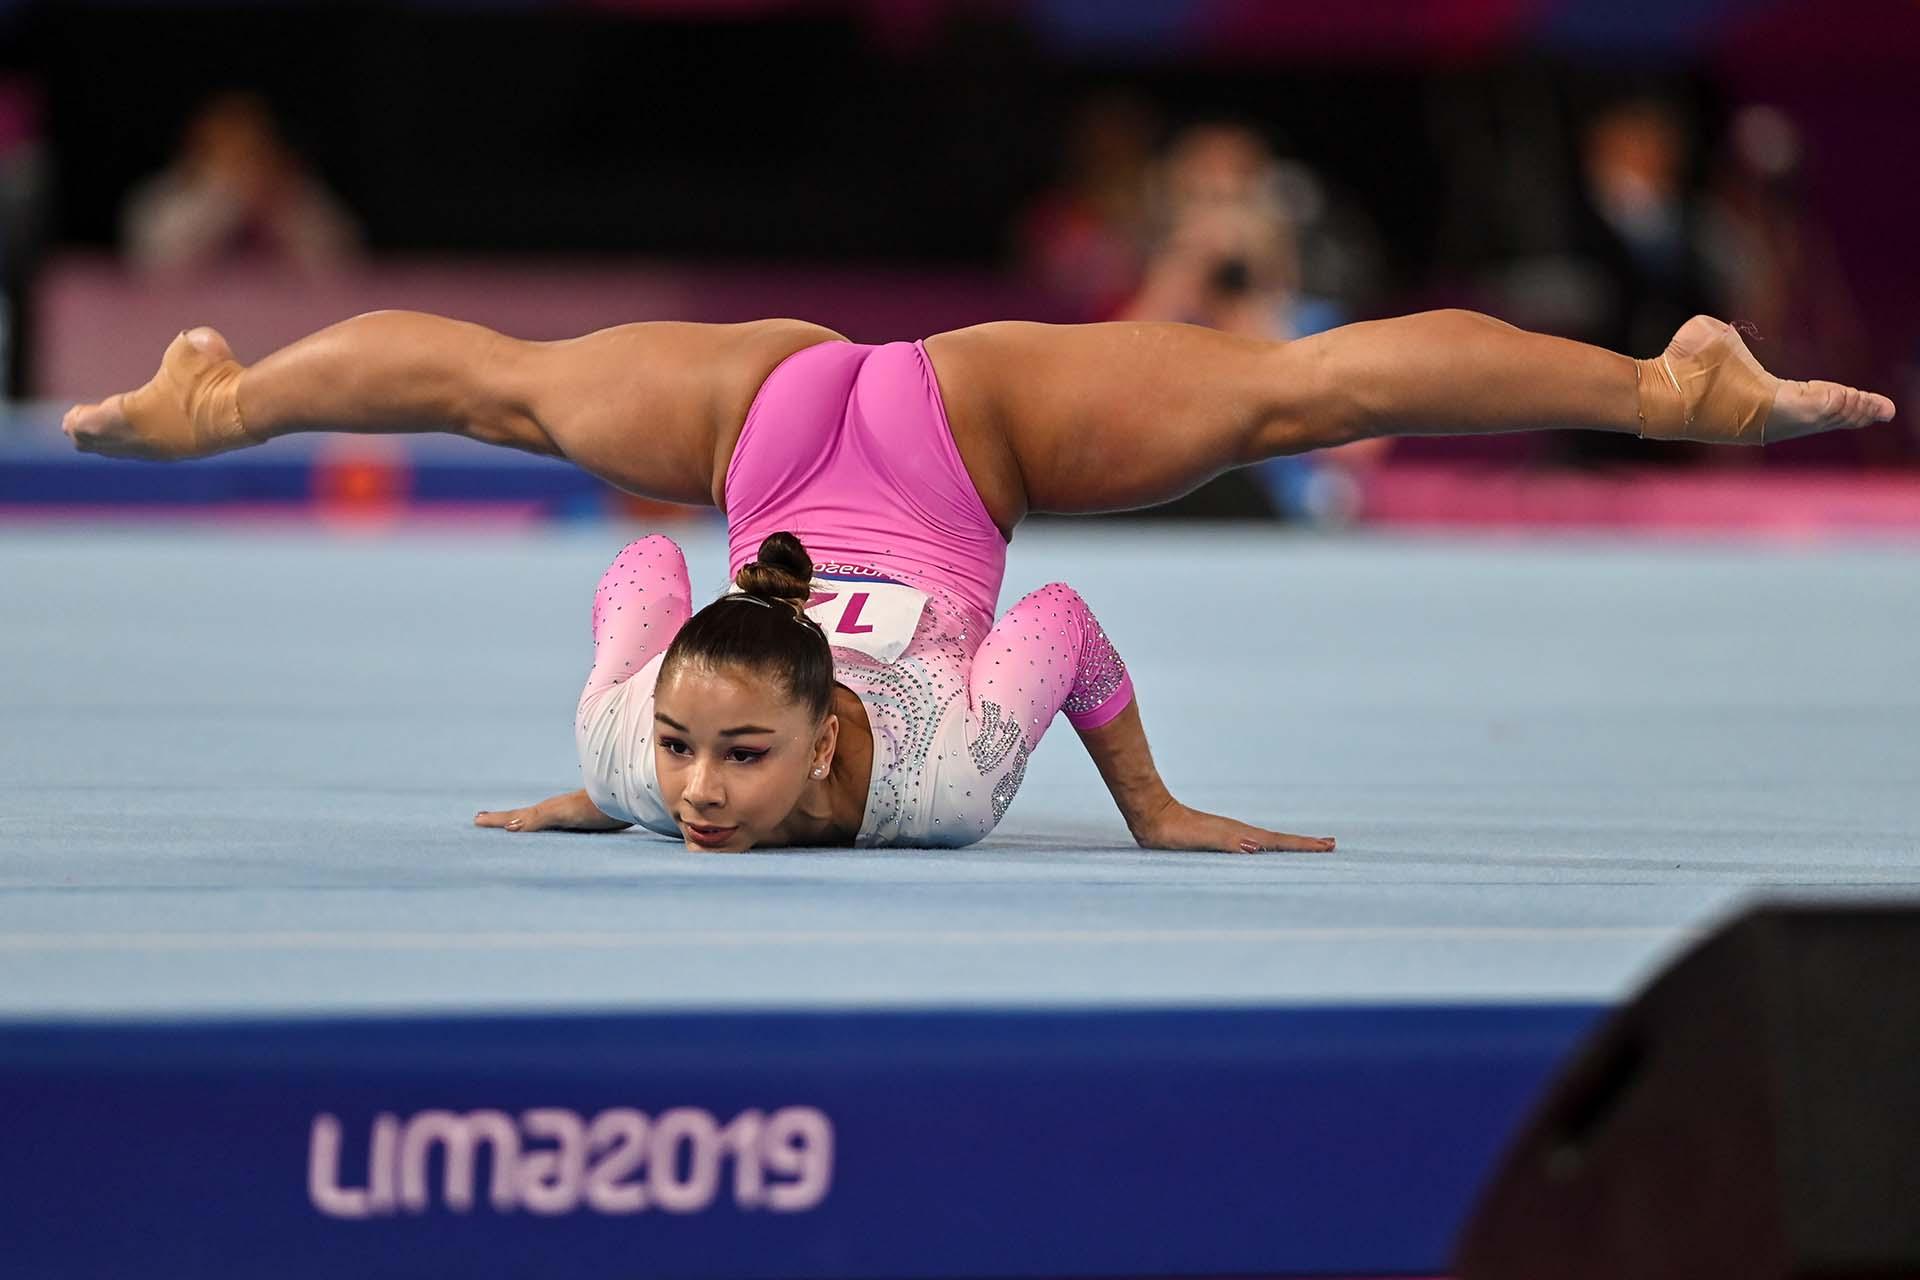 La brasileña Flavia Saraiva haciendo su rutina en gimnasia artística individual (Photo by Luis ROBAYO / AFP)